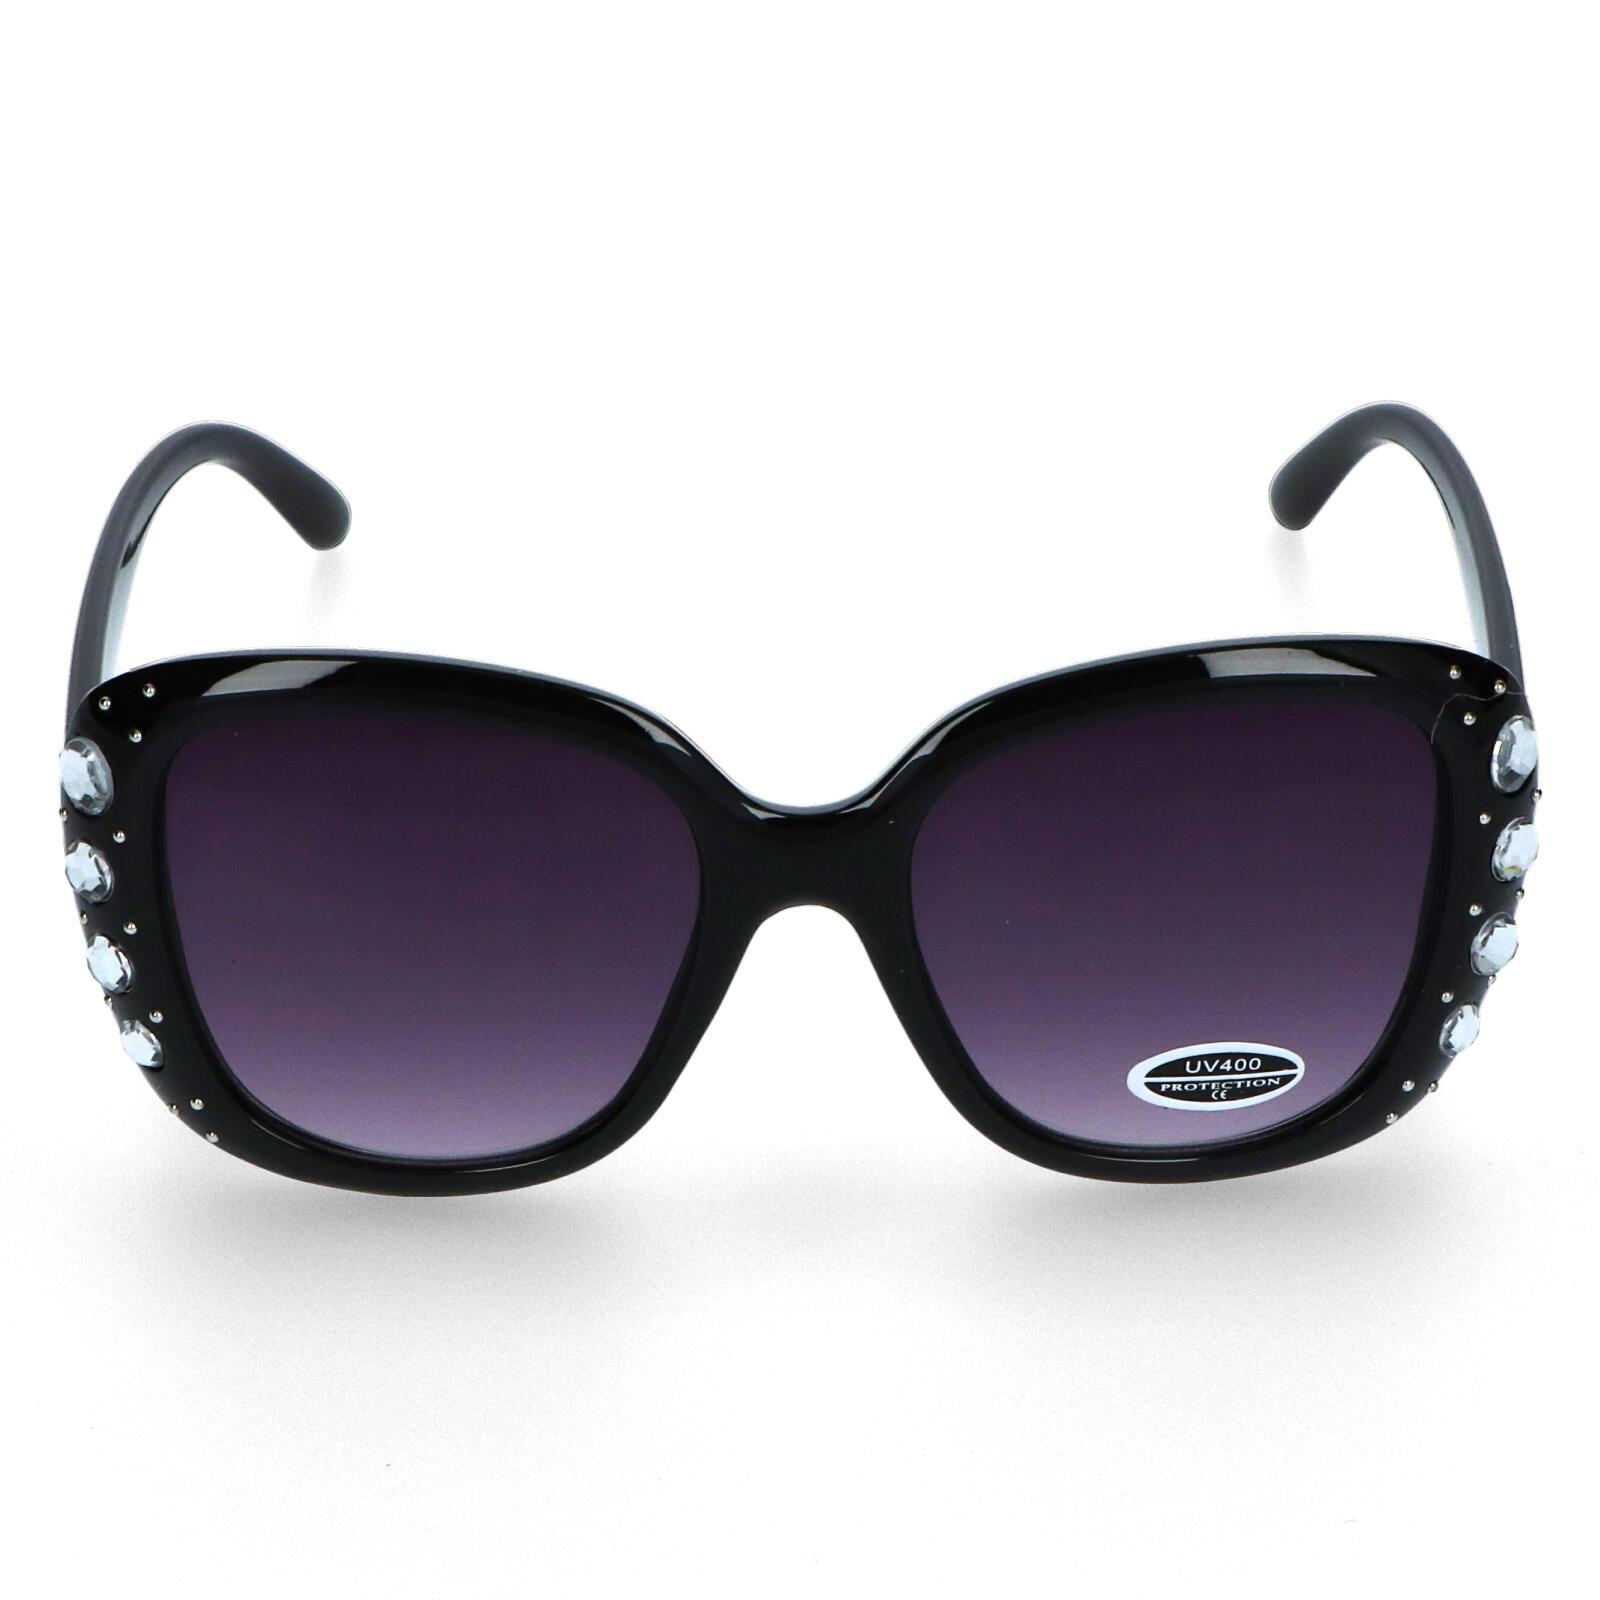 Dámske slnečné okuliare čierne - S7304